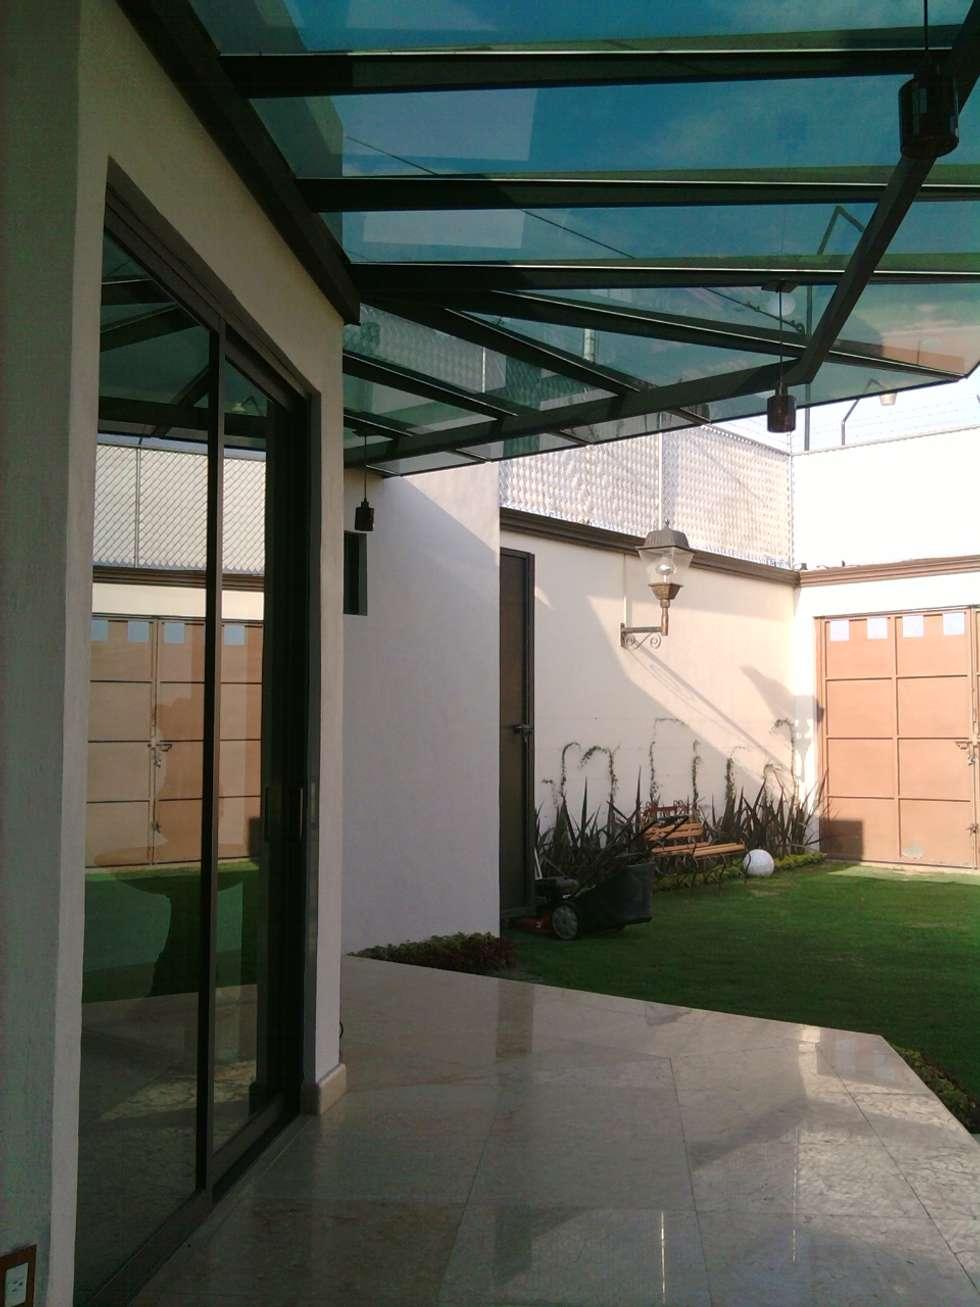 CABAÑA AZCONA: Casas de estilo moderno por FORMAS ARQUITECTURA